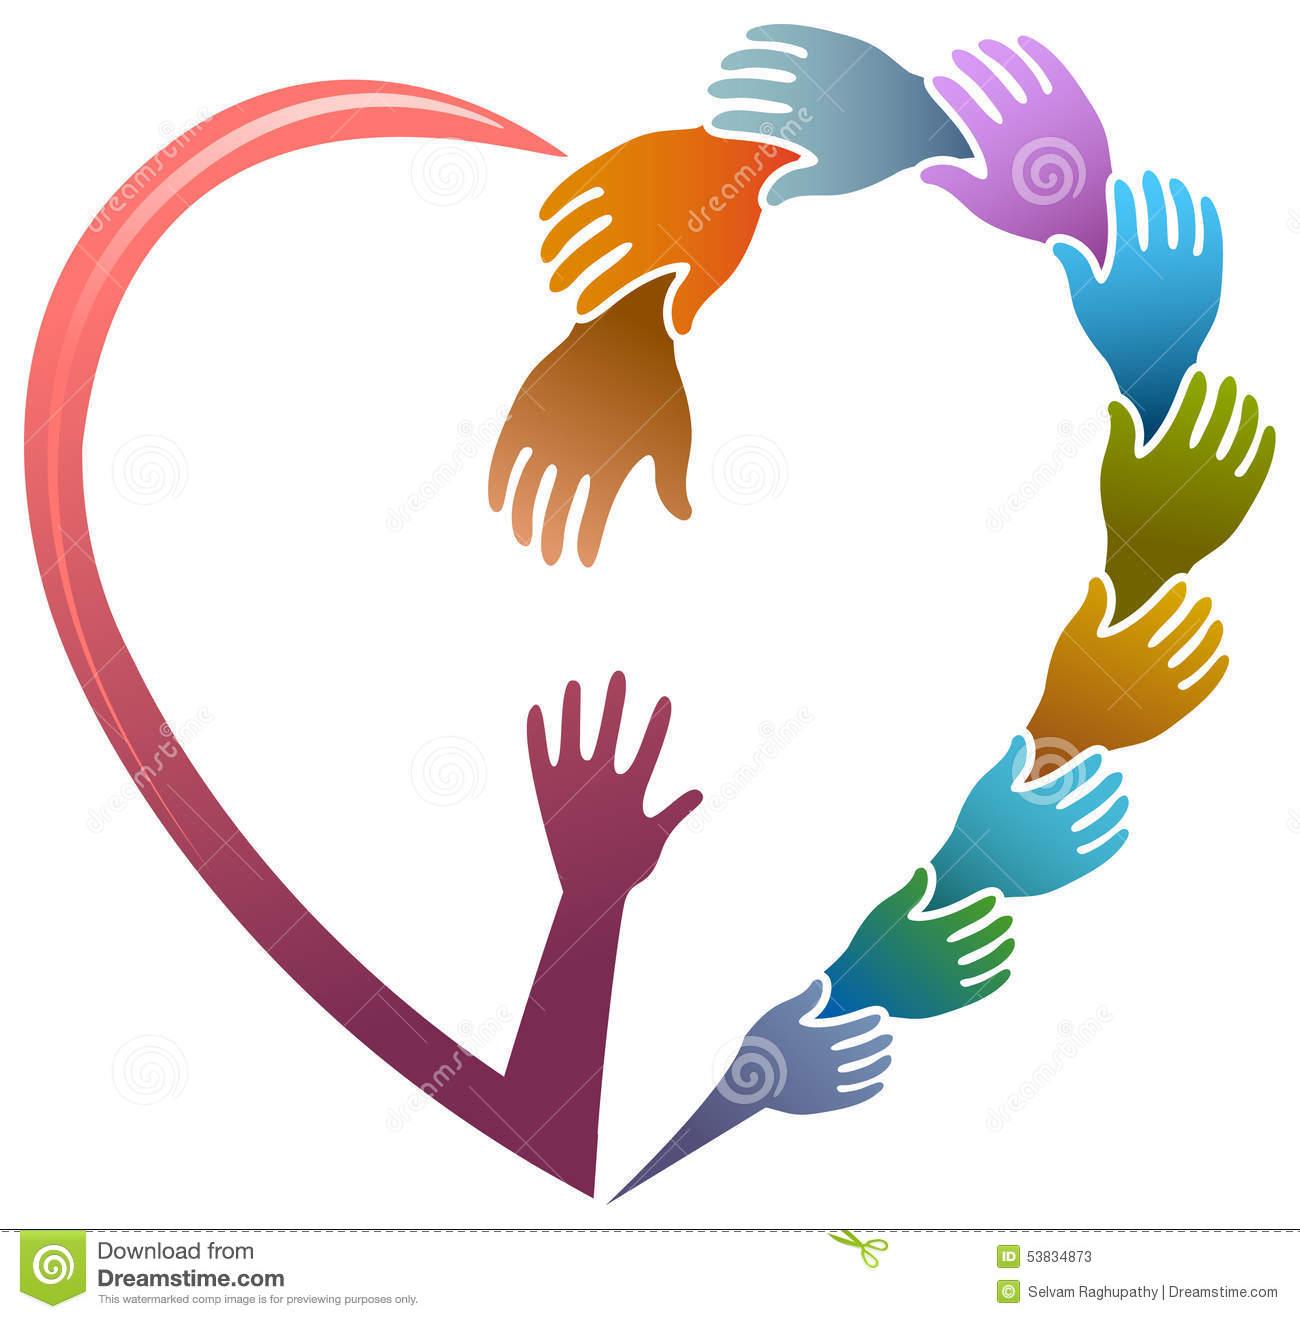 About the doTERRA Healing Hands Foundation  dōTERRA